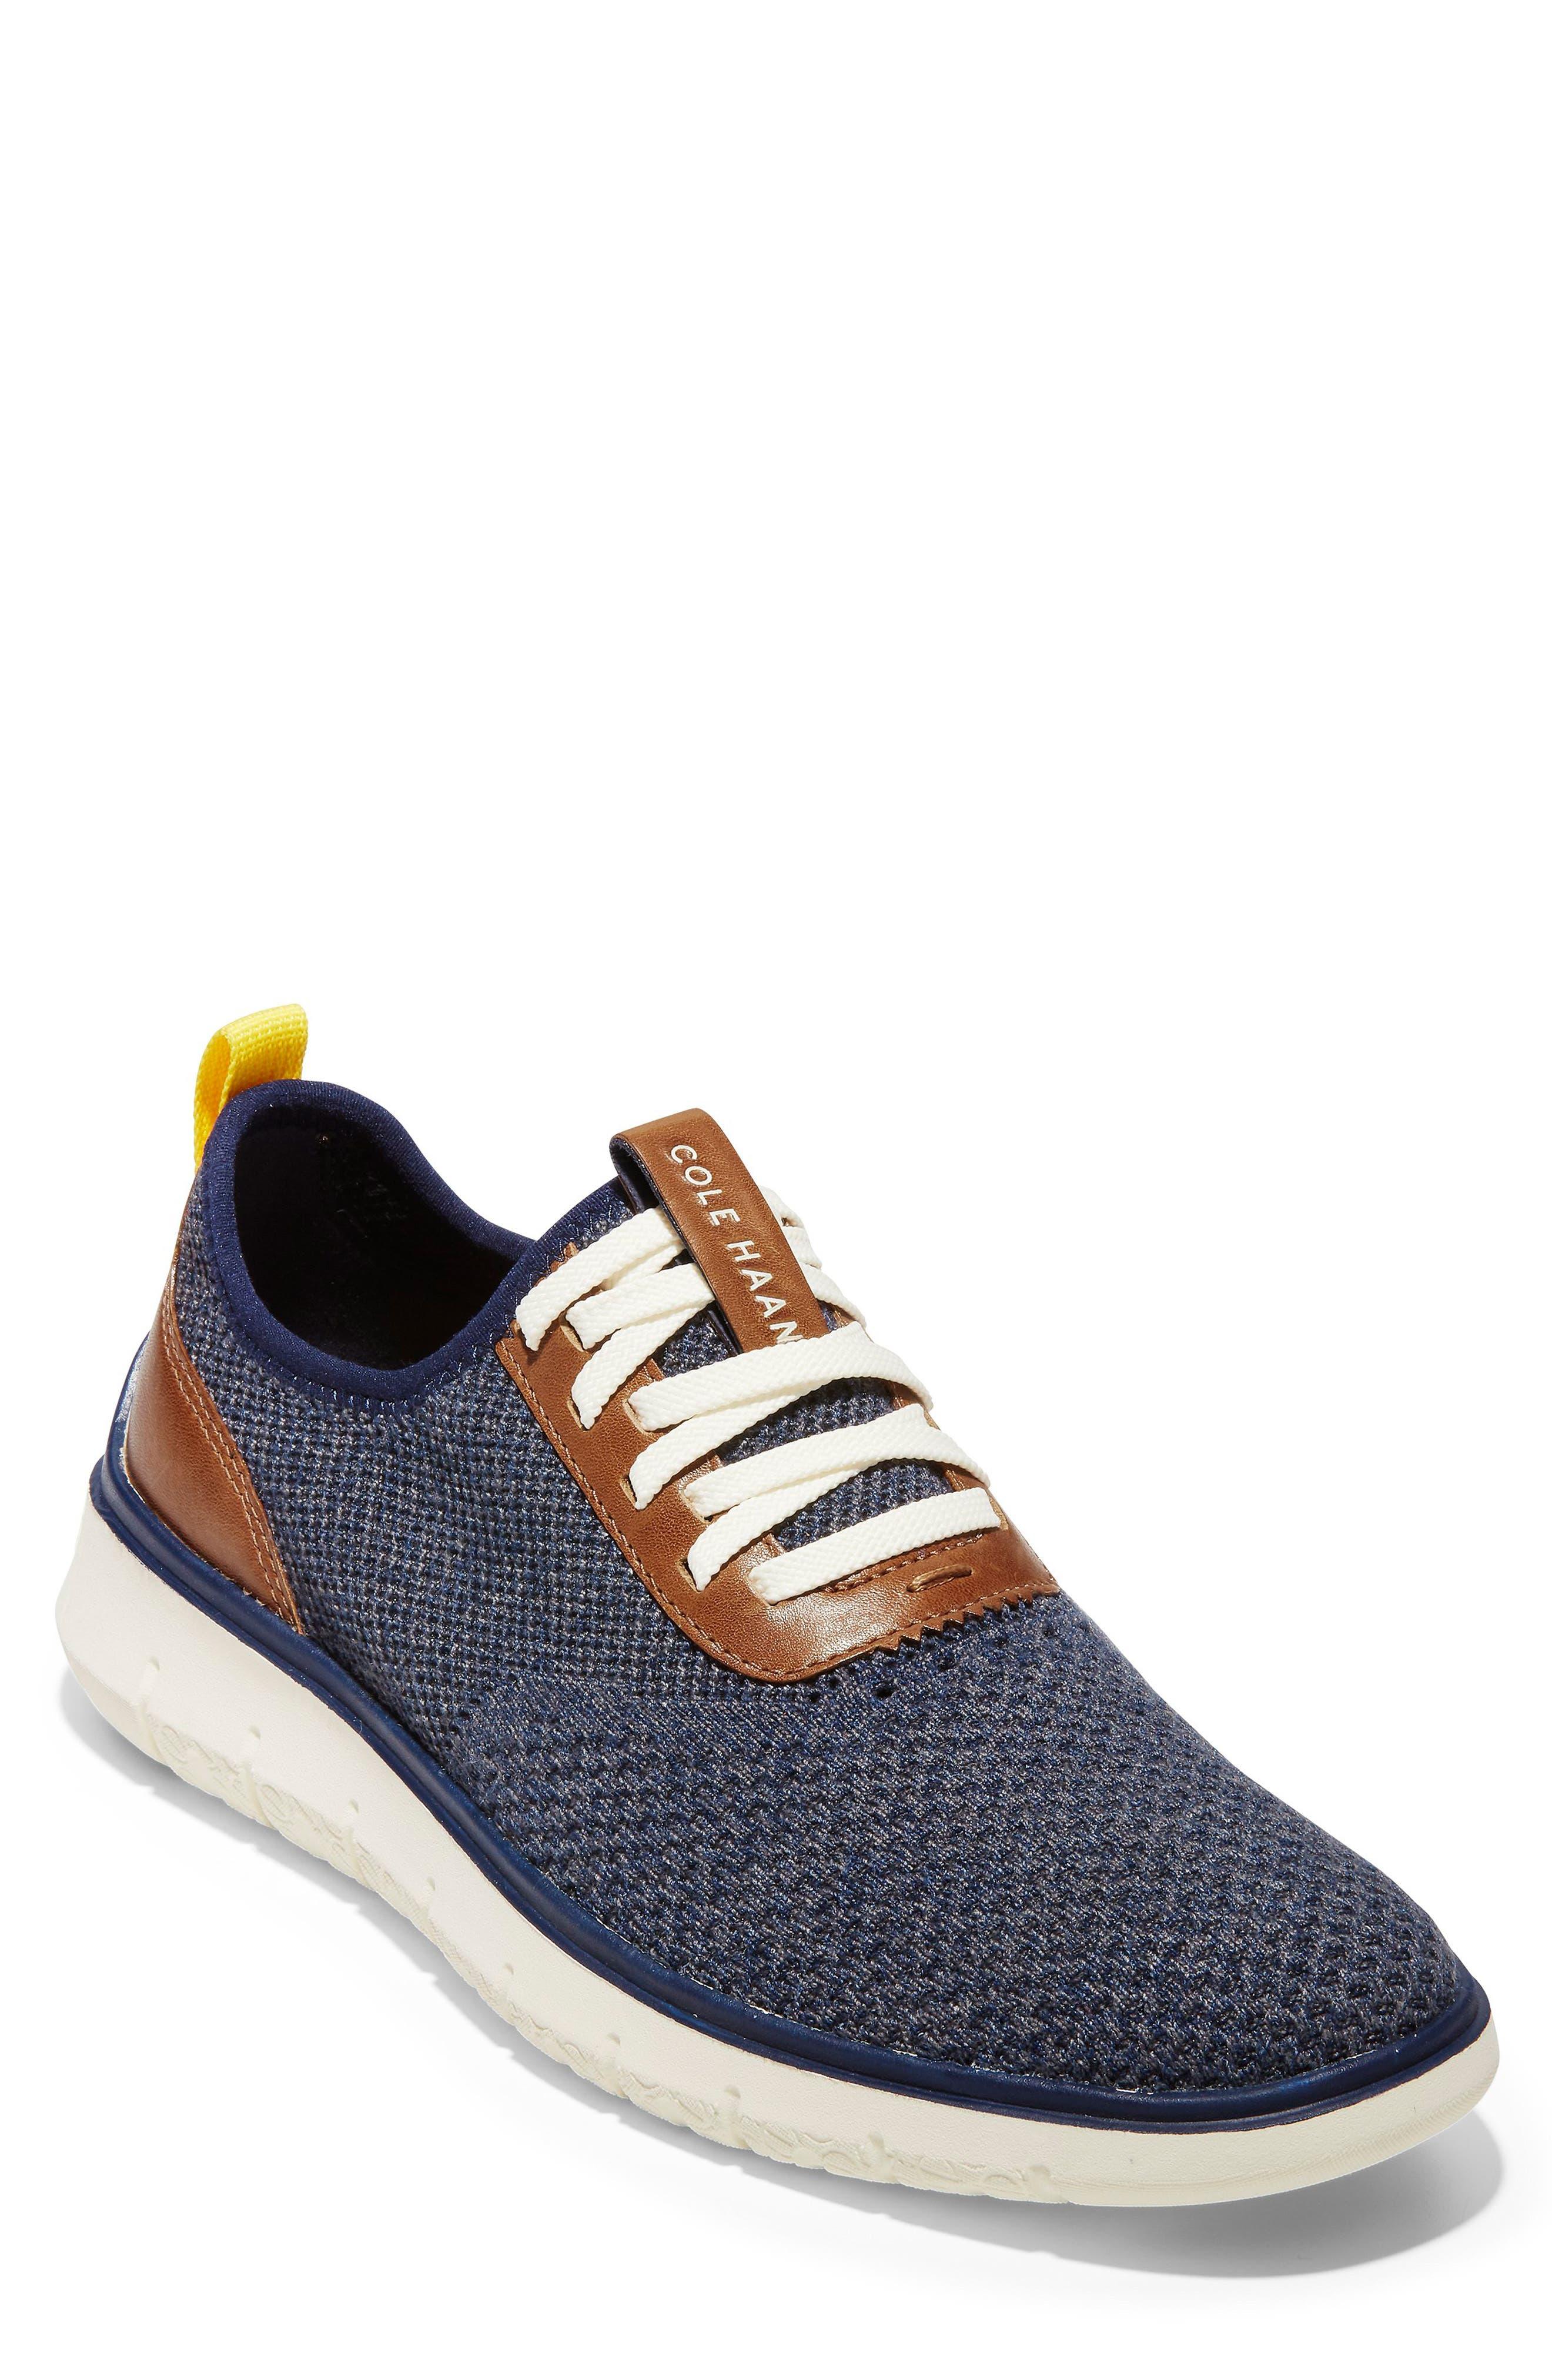 Men's Sneakers \u0026 Athletic Shoes | Nordstrom